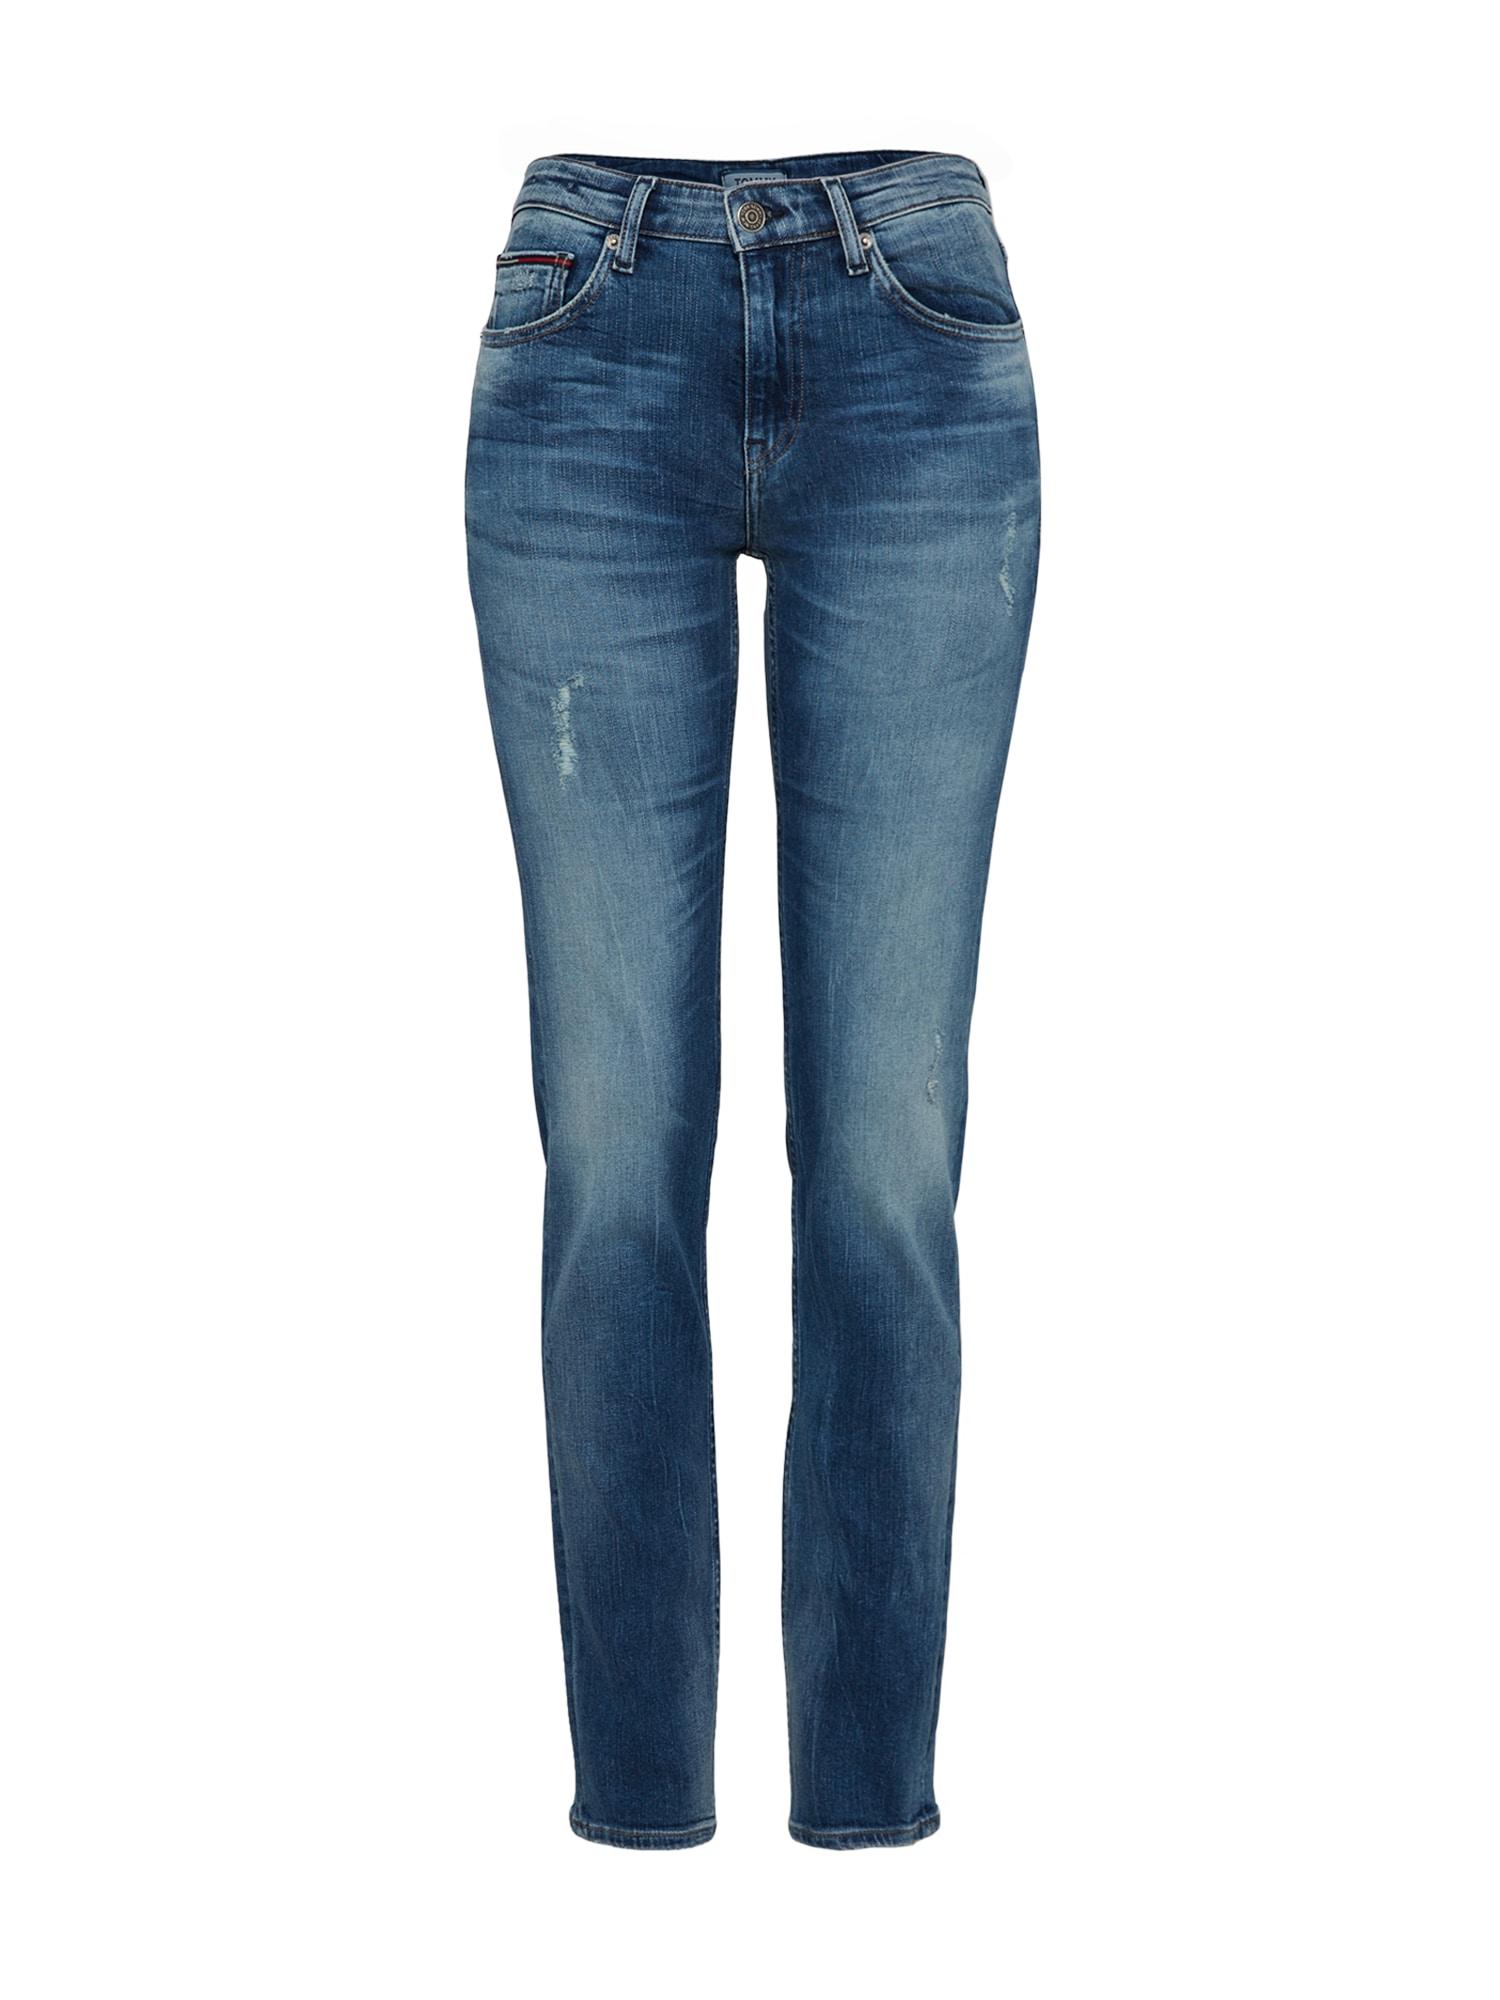 Džíny MID RISE SLIM TJ 1972 modrá džínovina Tommy Jeans